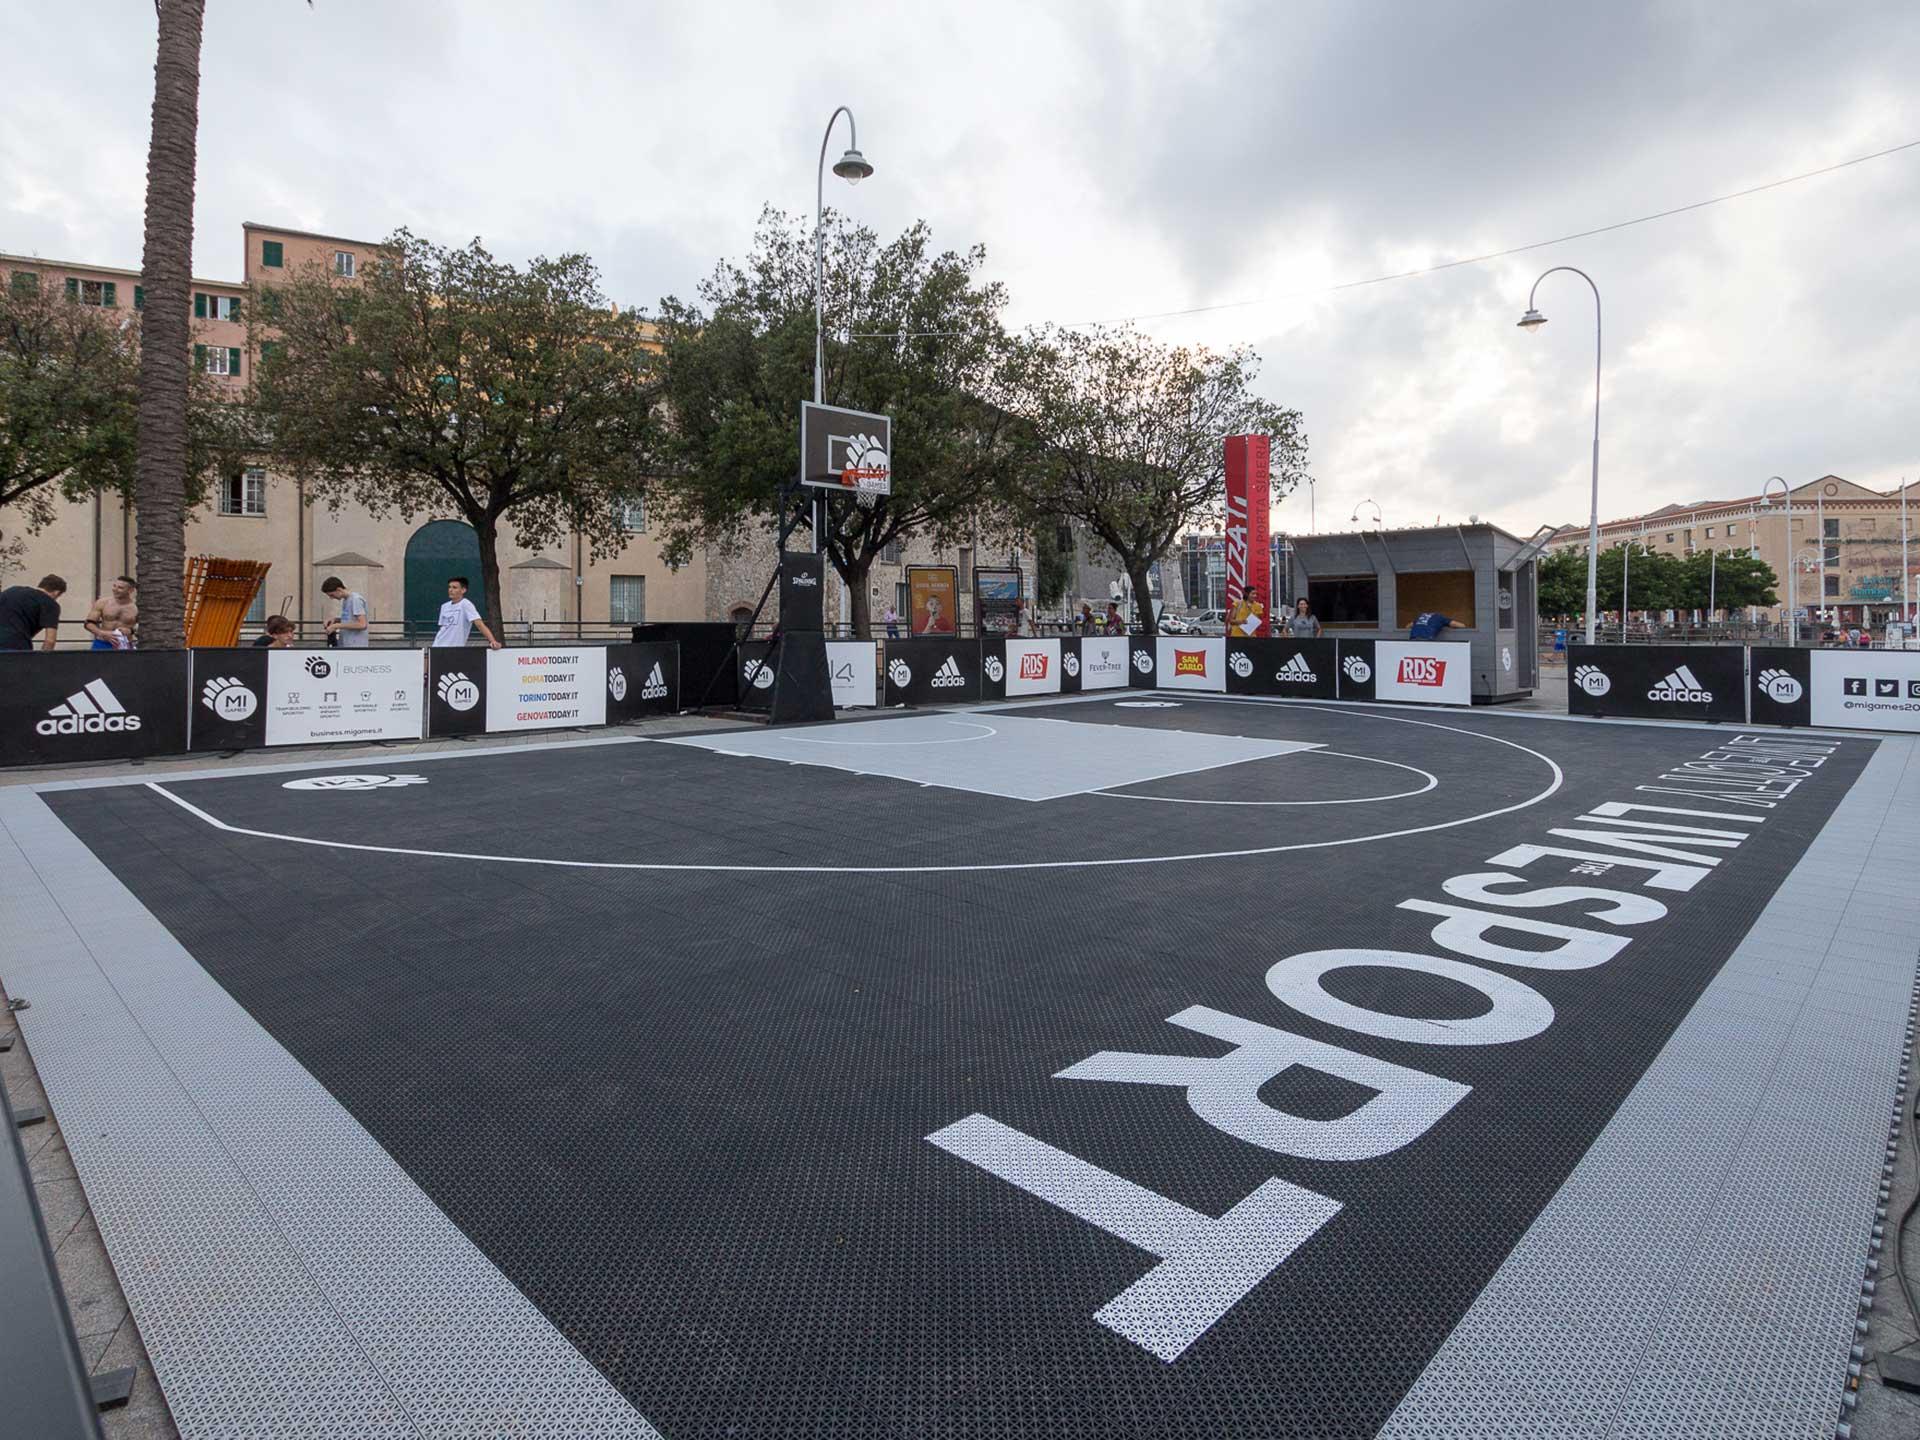 Campo basket - Noleggiocampi.it